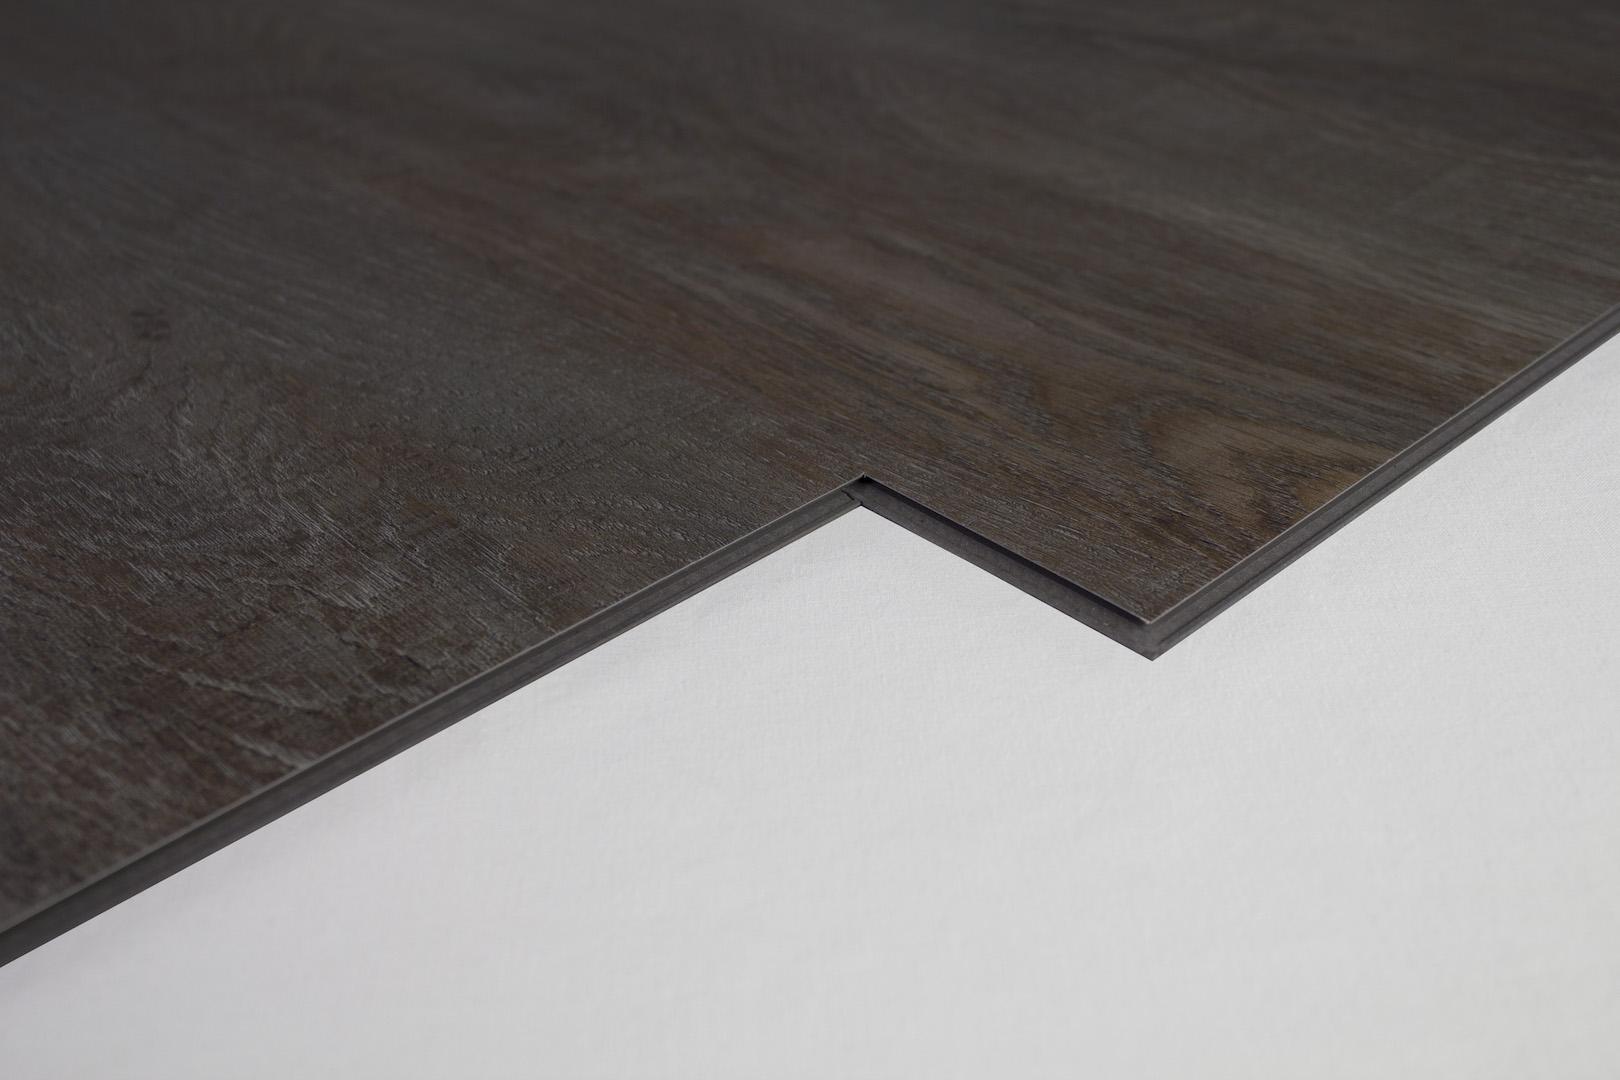 25 44 M Vinylboden In 4 2mm Klick Pvc Bodenbelag Nutzschicht 0 3mm